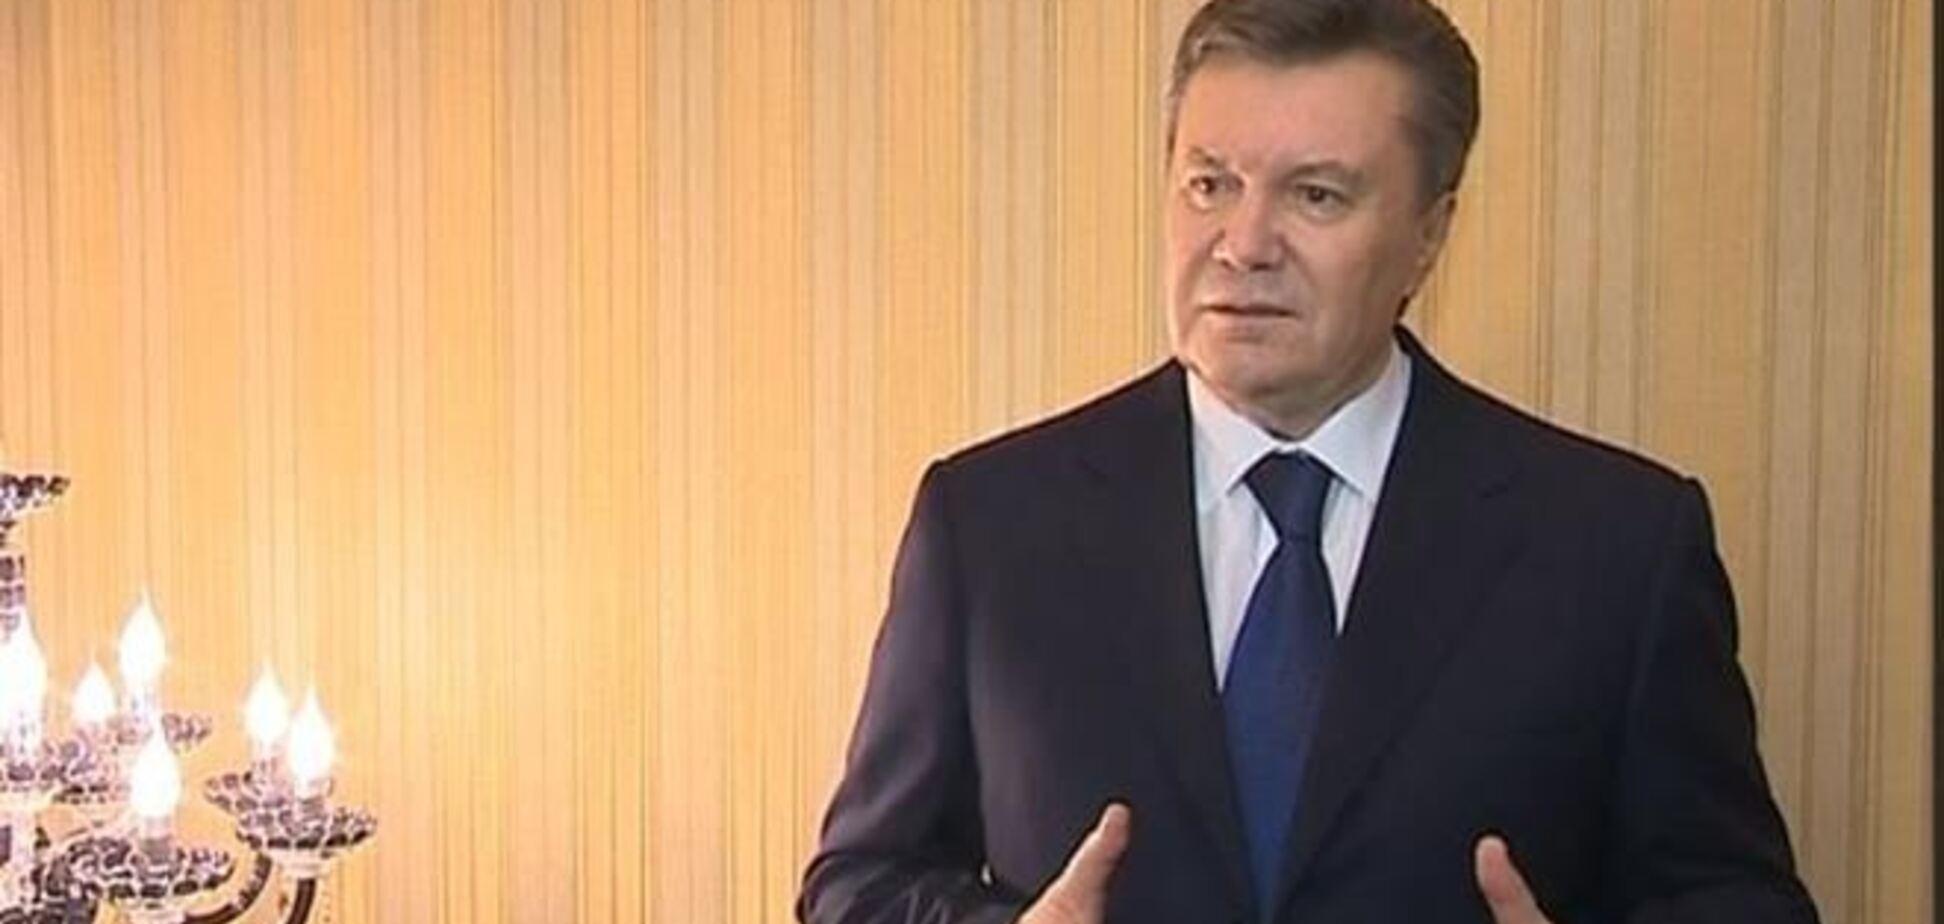 Янукович отказался идти в отставку. Полное видео заявления Януковича